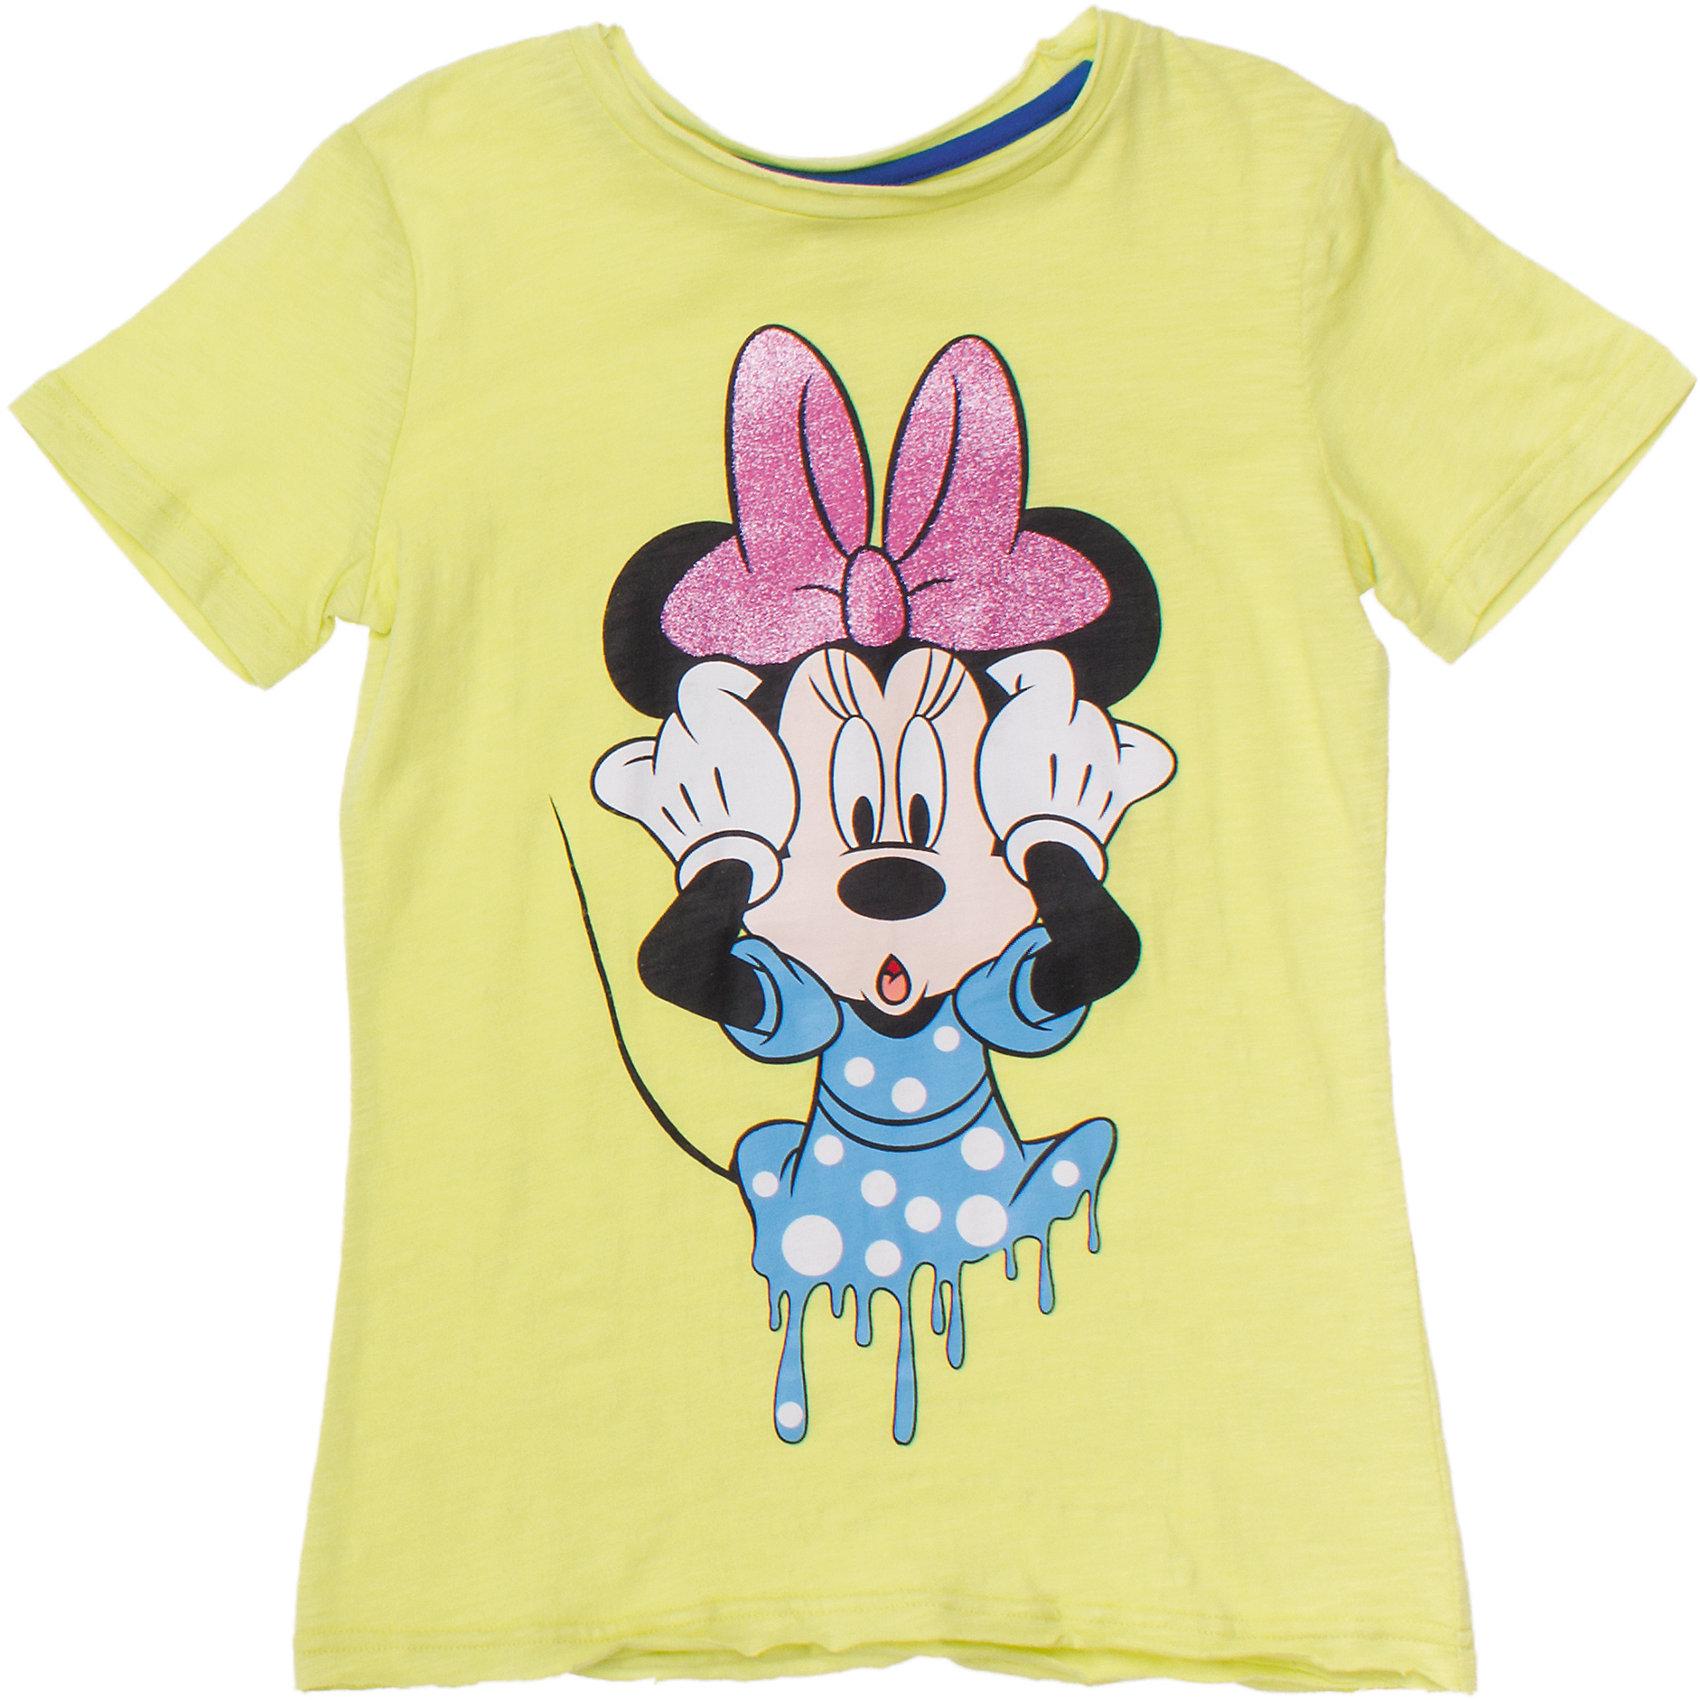 Футболка для девочки ScoolЛегкая хлопковая футболка лимонно-лаймового цвета. Украшена принтом с Минни-маус. Глиттерный бантик будет сверкать и переливаться на солнце. Состав: 100% хлопок<br><br>Ширина мм: 199<br>Глубина мм: 10<br>Высота мм: 161<br>Вес г: 151<br>Цвет: зеленый<br>Возраст от месяцев: 156<br>Возраст до месяцев: 168<br>Пол: Женский<br>Возраст: Детский<br>Размер: 164,140,134,158,152,146<br>SKU: 4652933